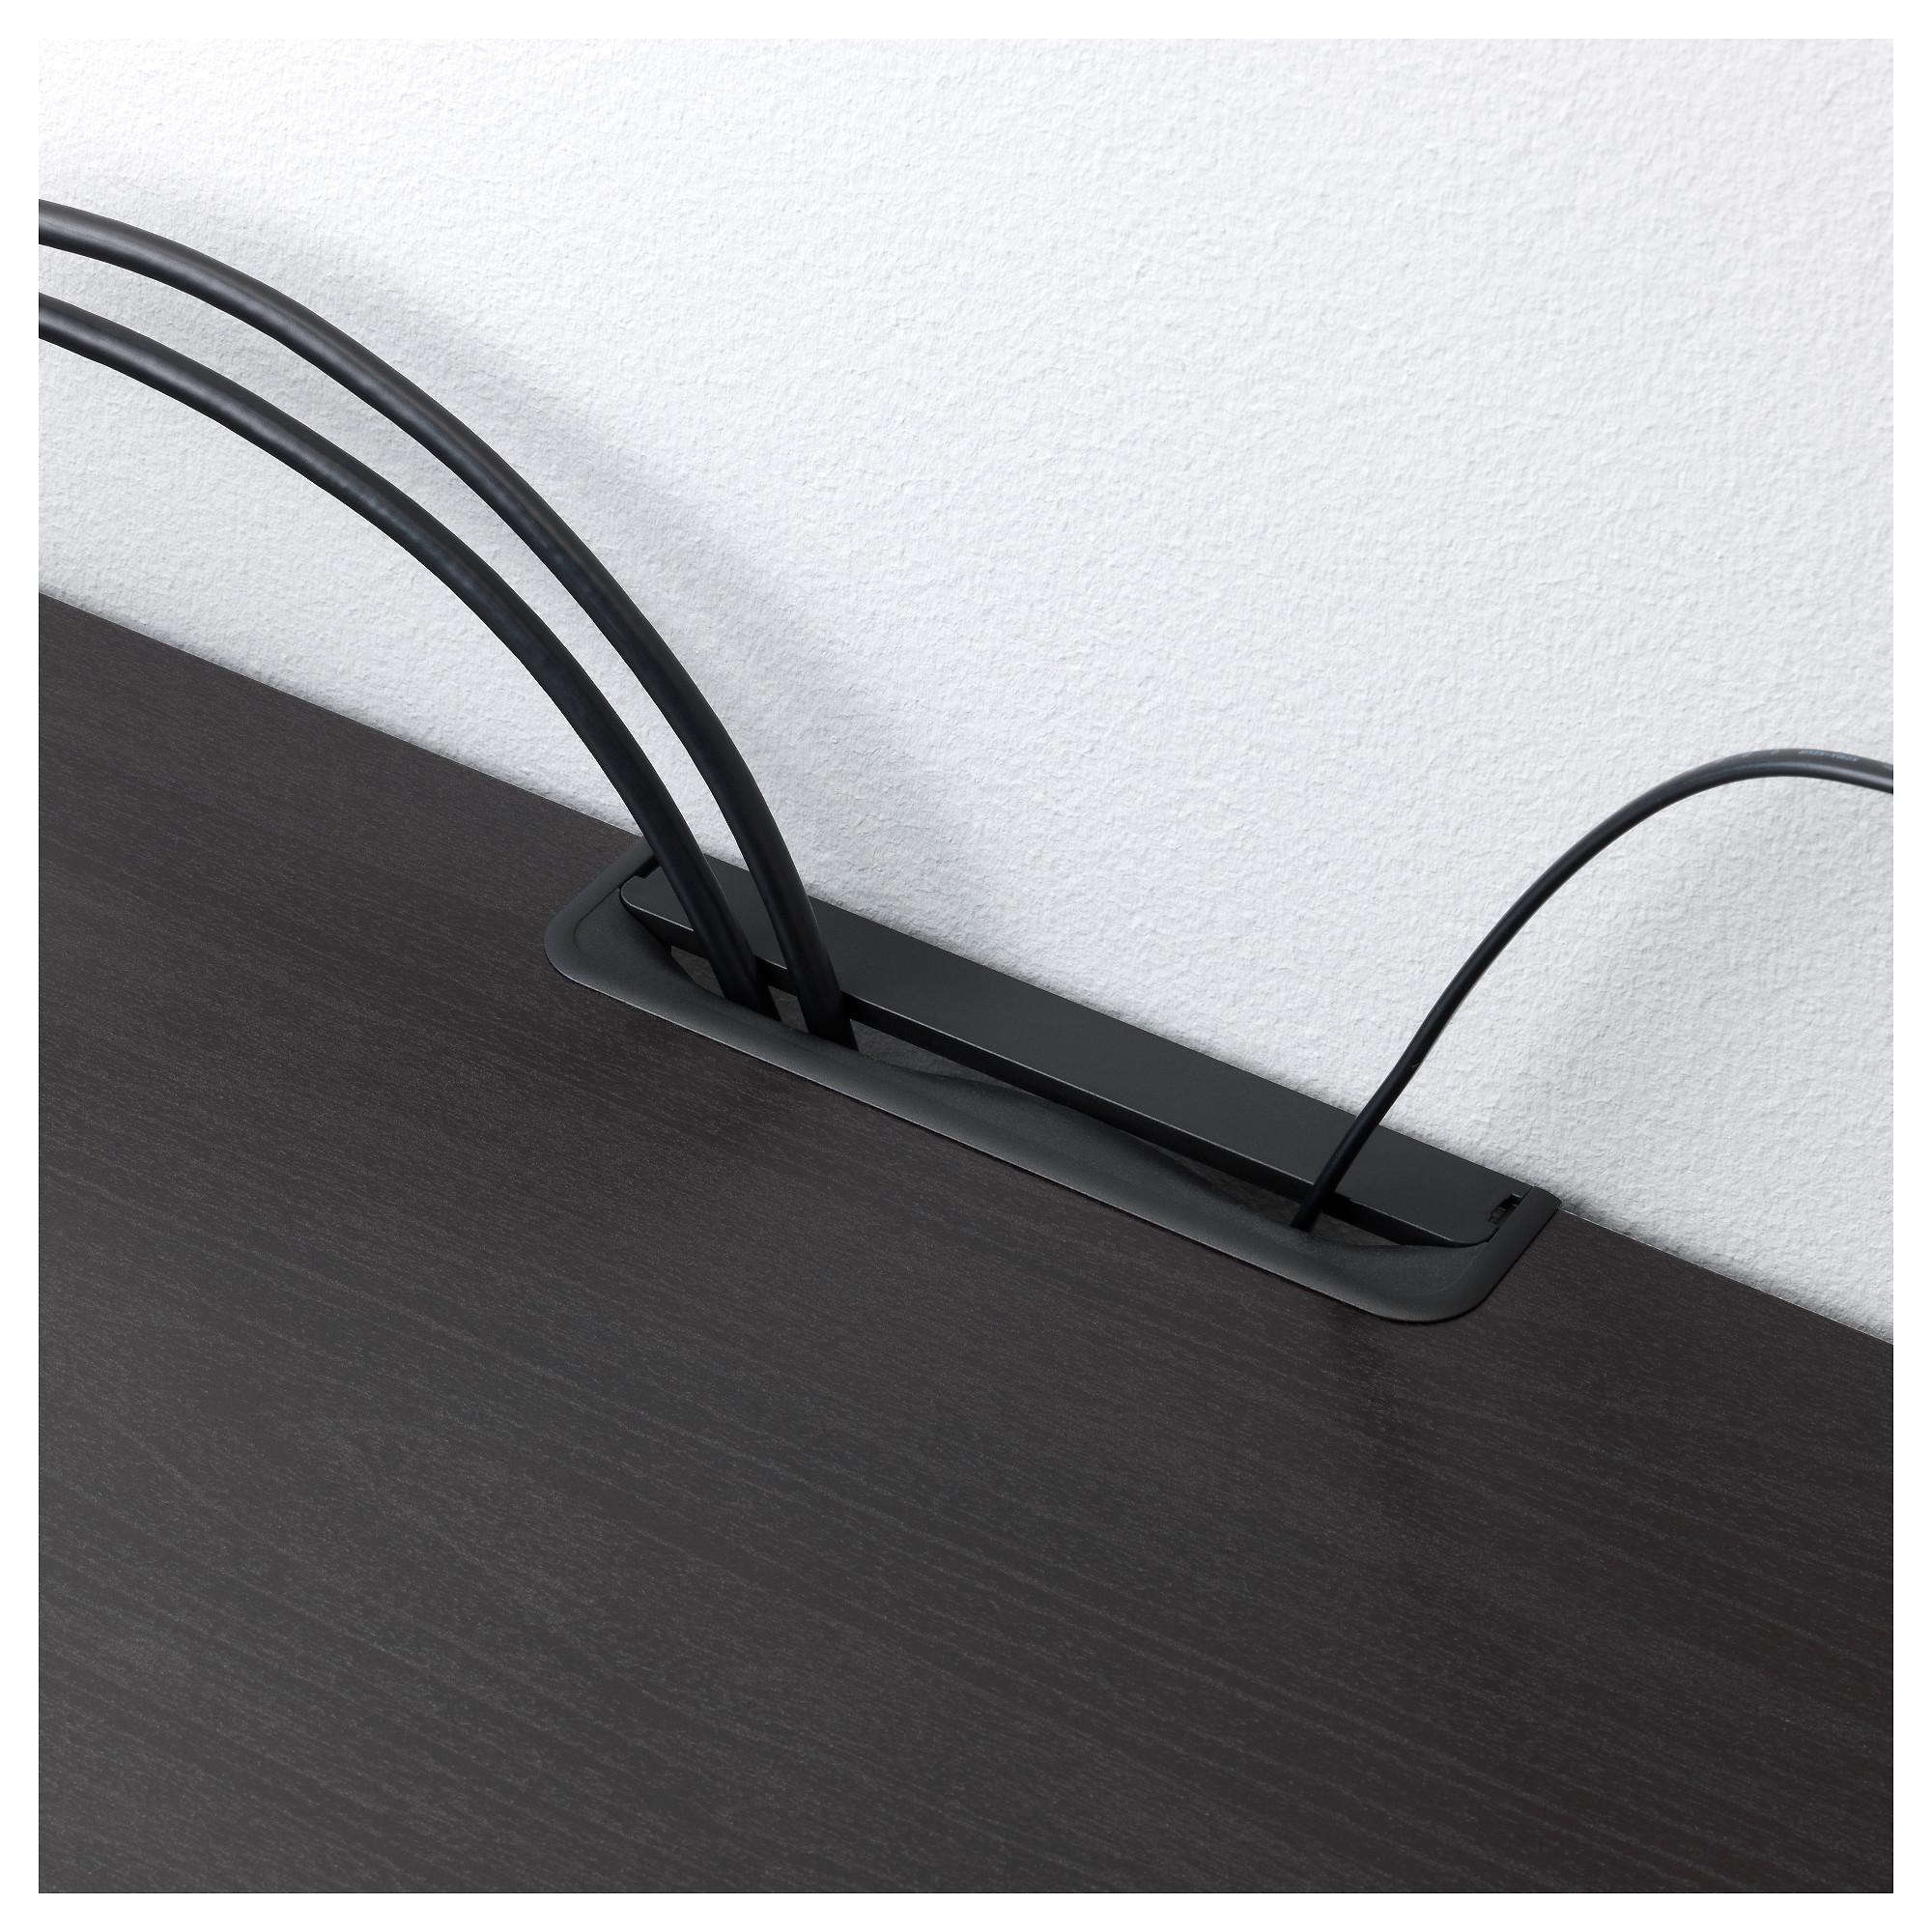 Шкаф для ТВ, комбинированный, стекляные дверцы БЕСТО черно-коричневый артикуль № 992.522.49 в наличии. Интернет сайт IKEA РБ. Недорогая доставка и монтаж.